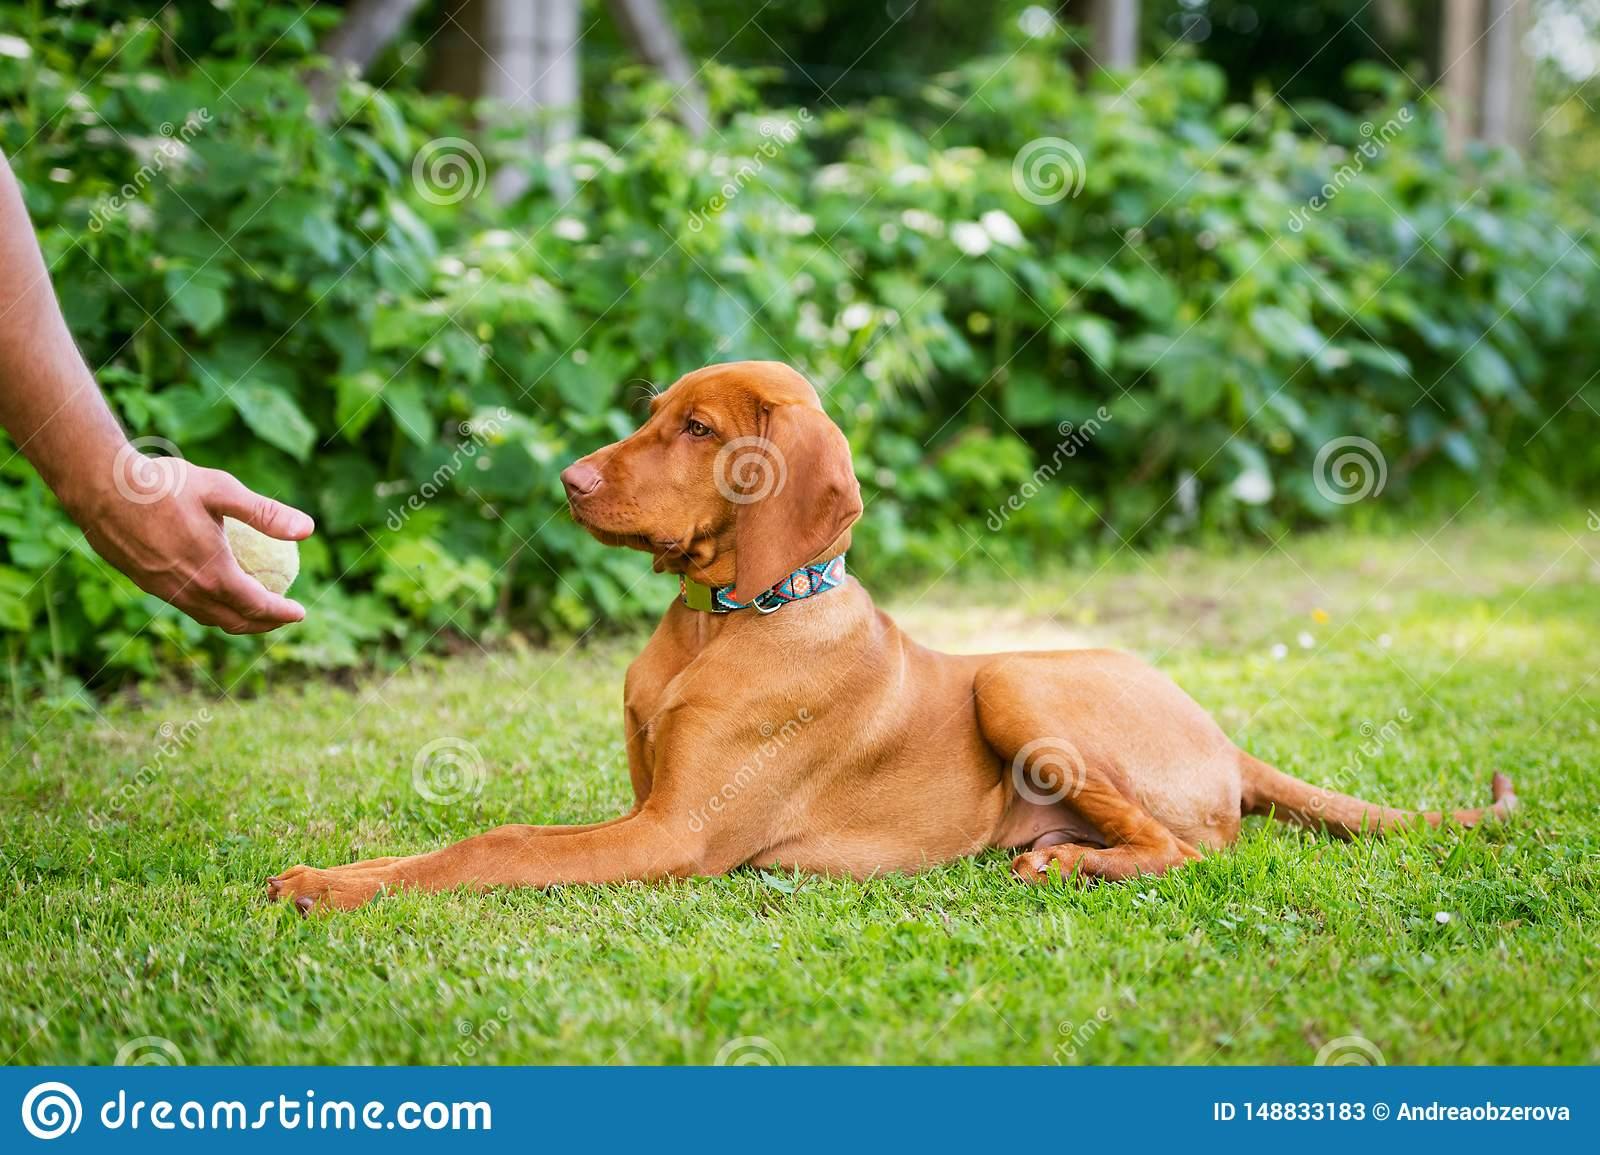 Что такое положительное подкрепление в дрессировке собак? — зачем человеку собака?